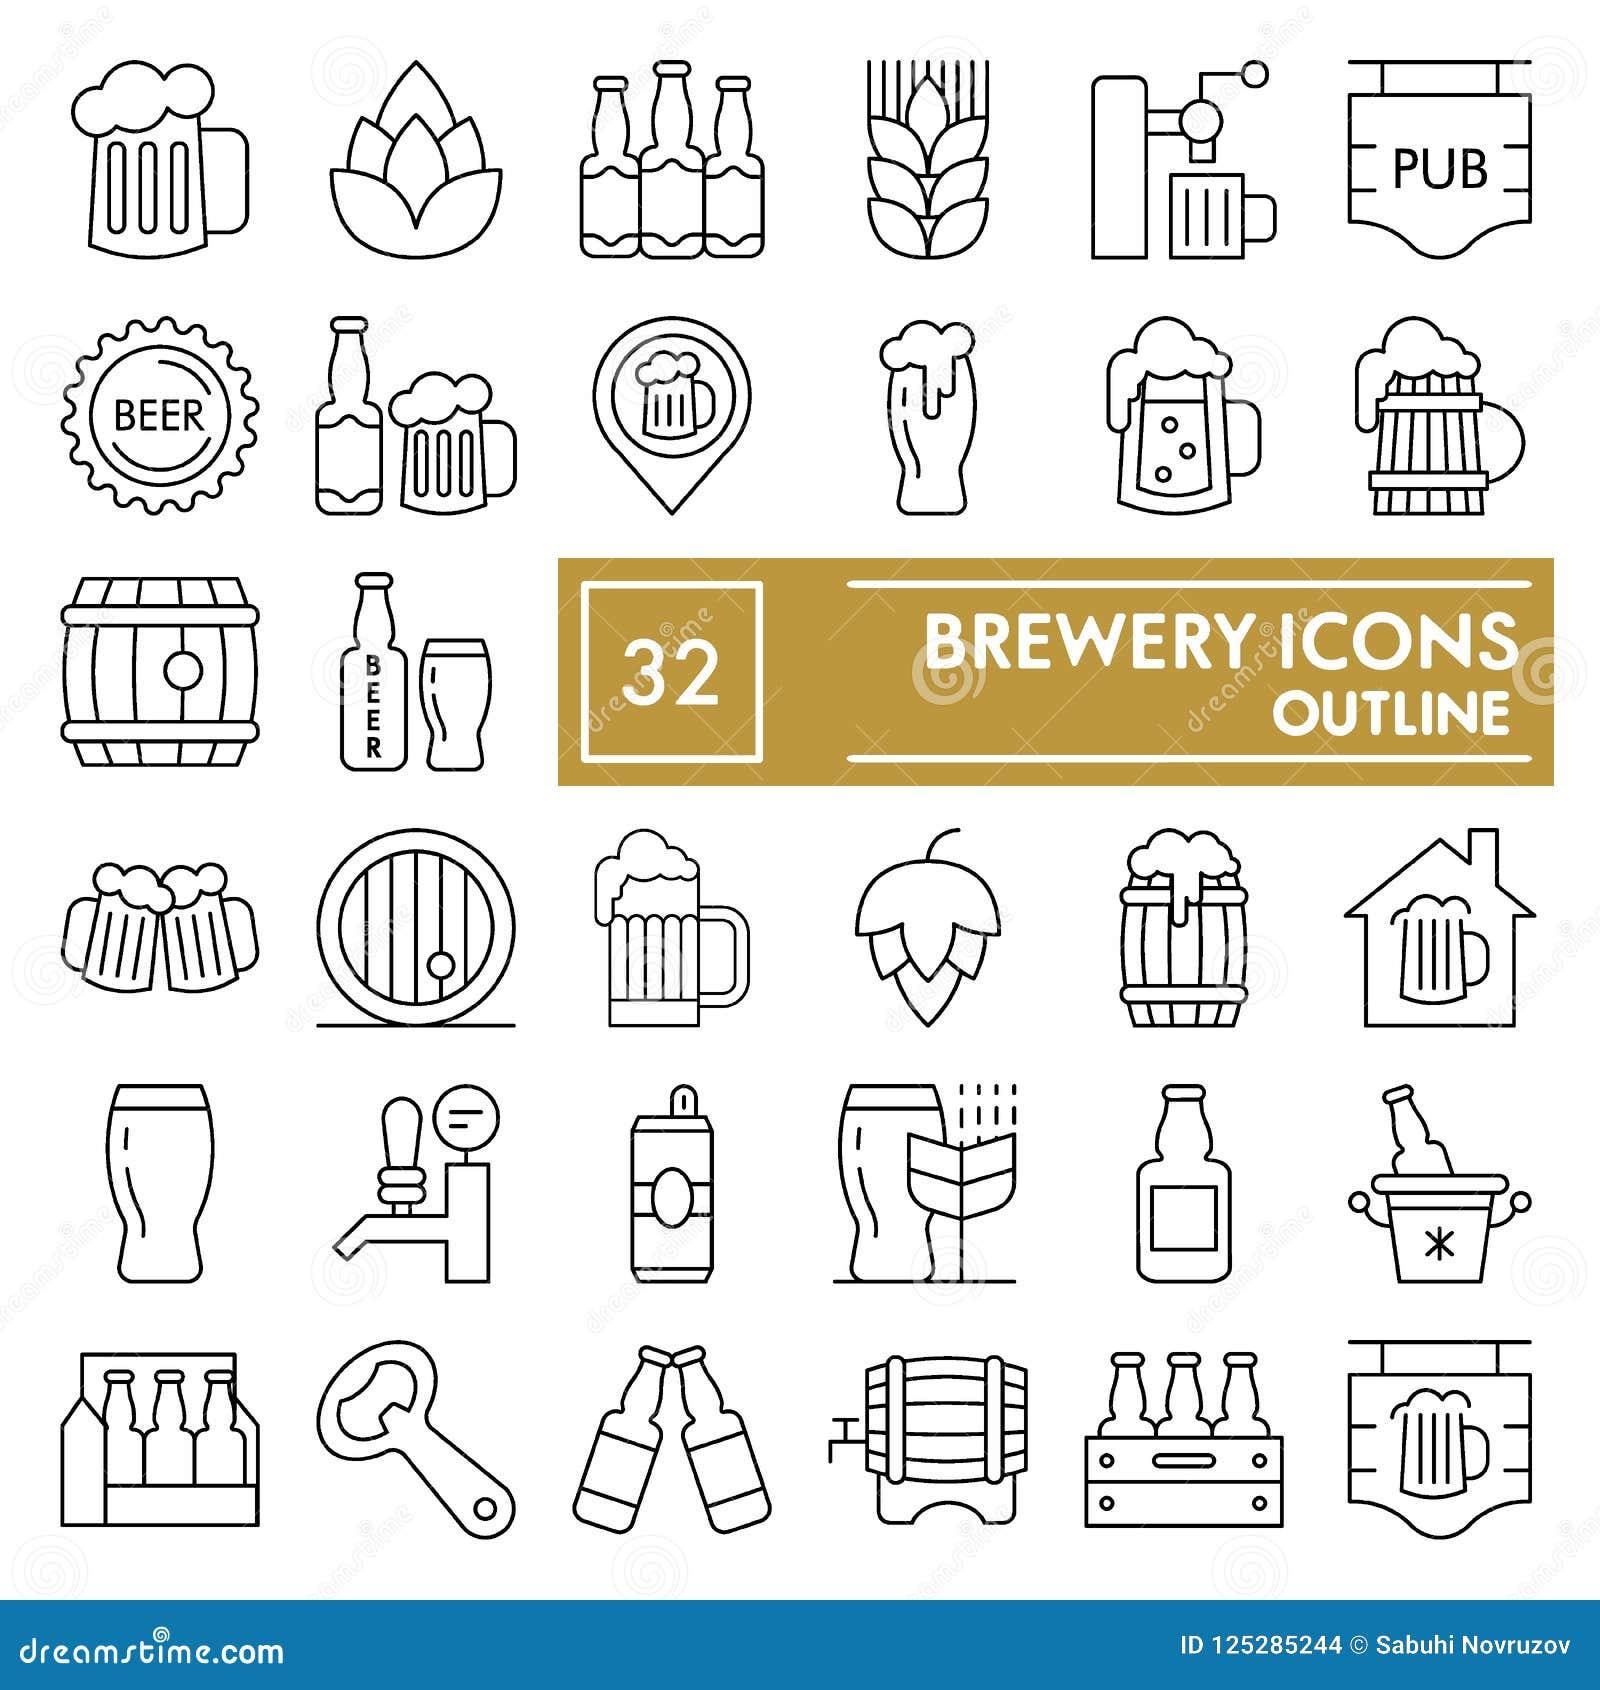 Skissar den tunna linjen symbolsuppsättningen, ölsymboler samlingen, vektor för bryggeriet, logoillustrationer, linjära pictogram